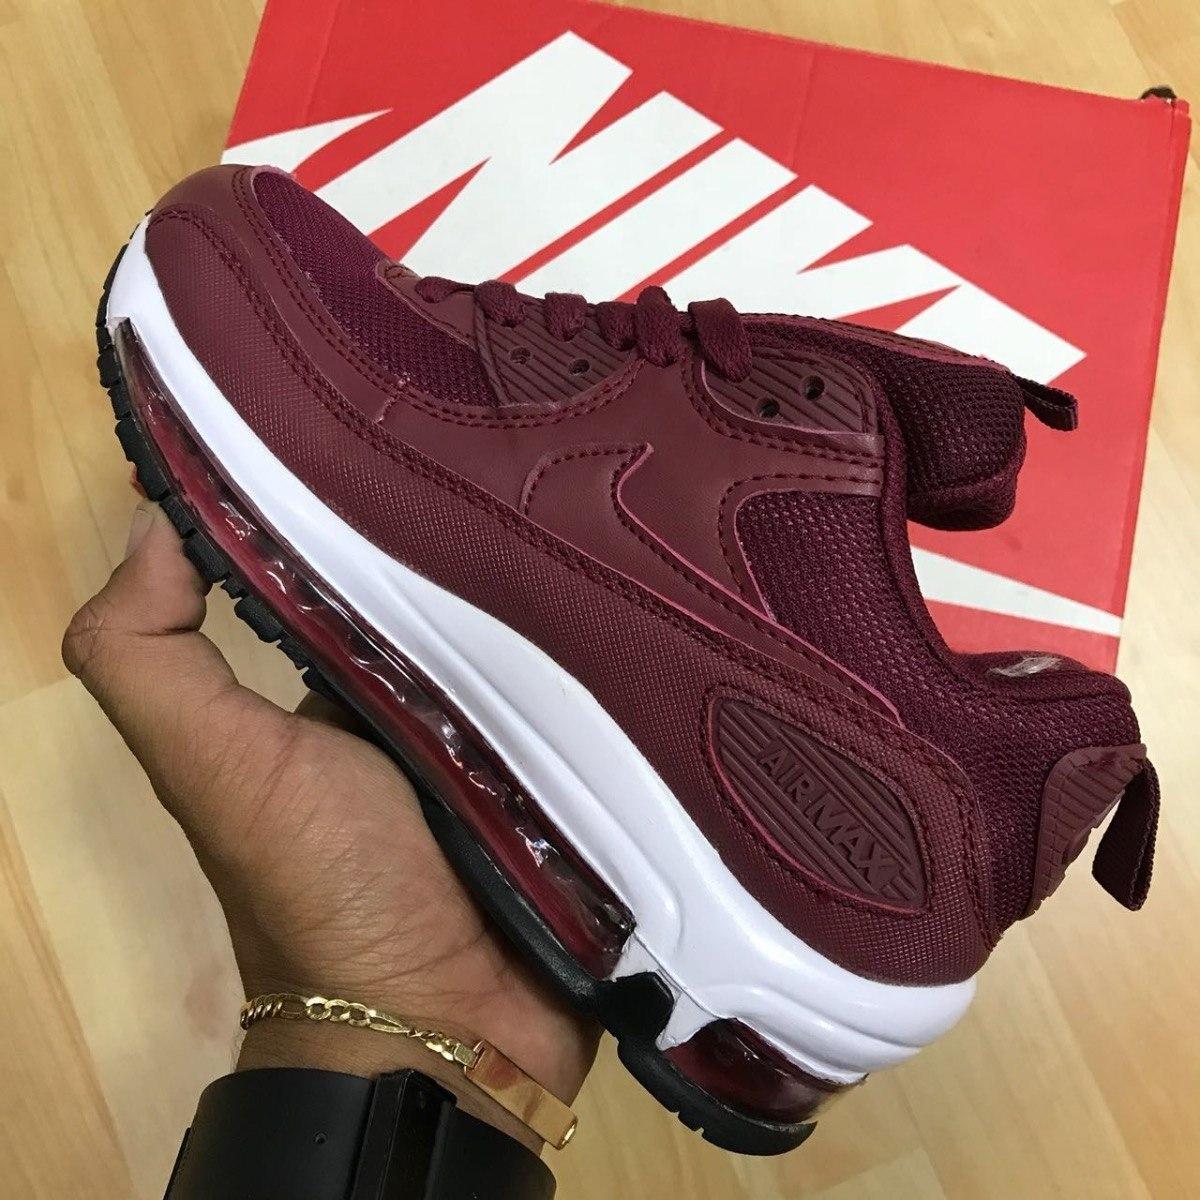 new concept 1e3cf d2e76 ... usa tenis zapatillas nike air max 90 recamara vino tinto hombre. cargando  zoom. 4d2a4